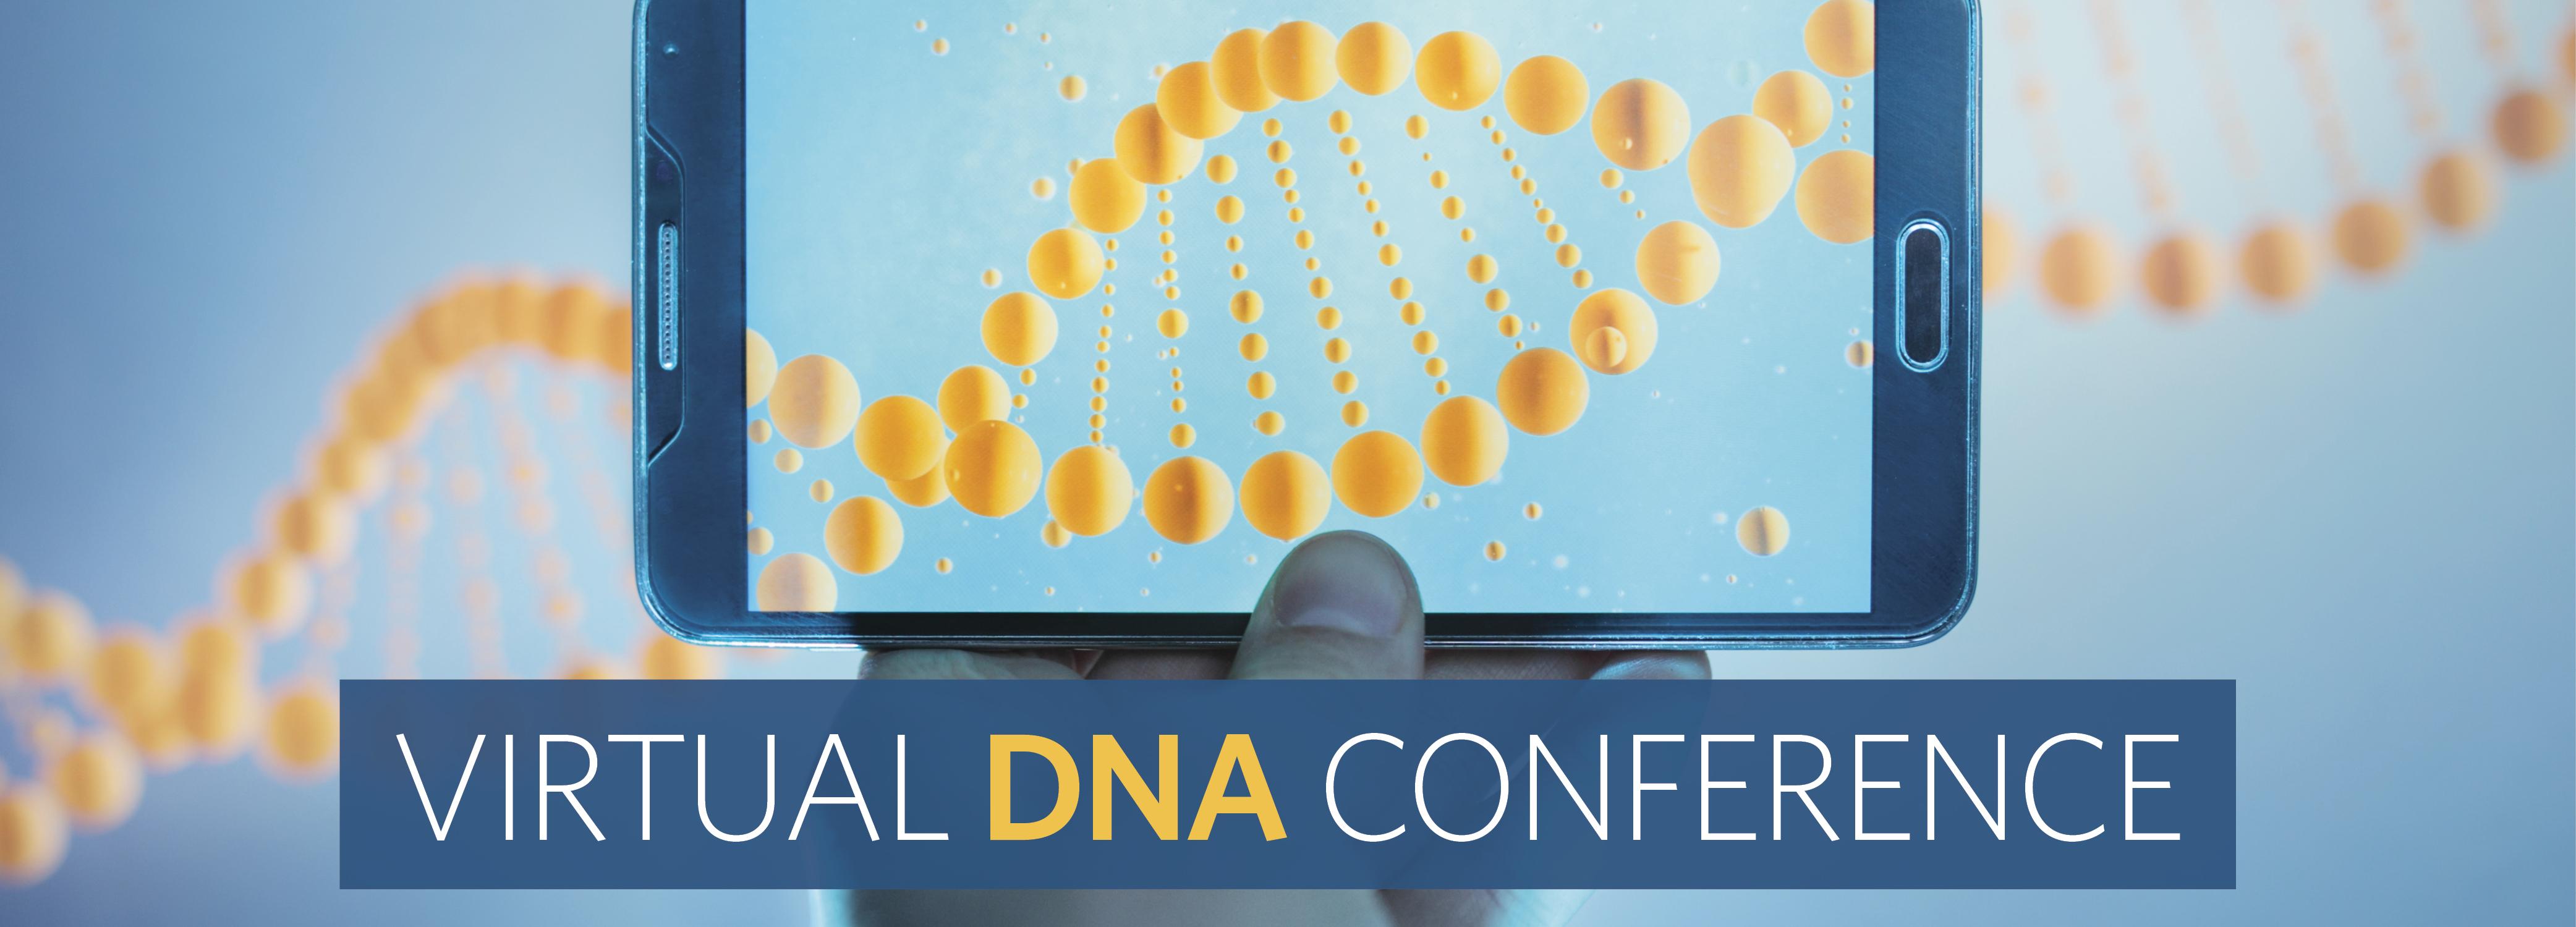 Virtual DNA Conference Online Workshop